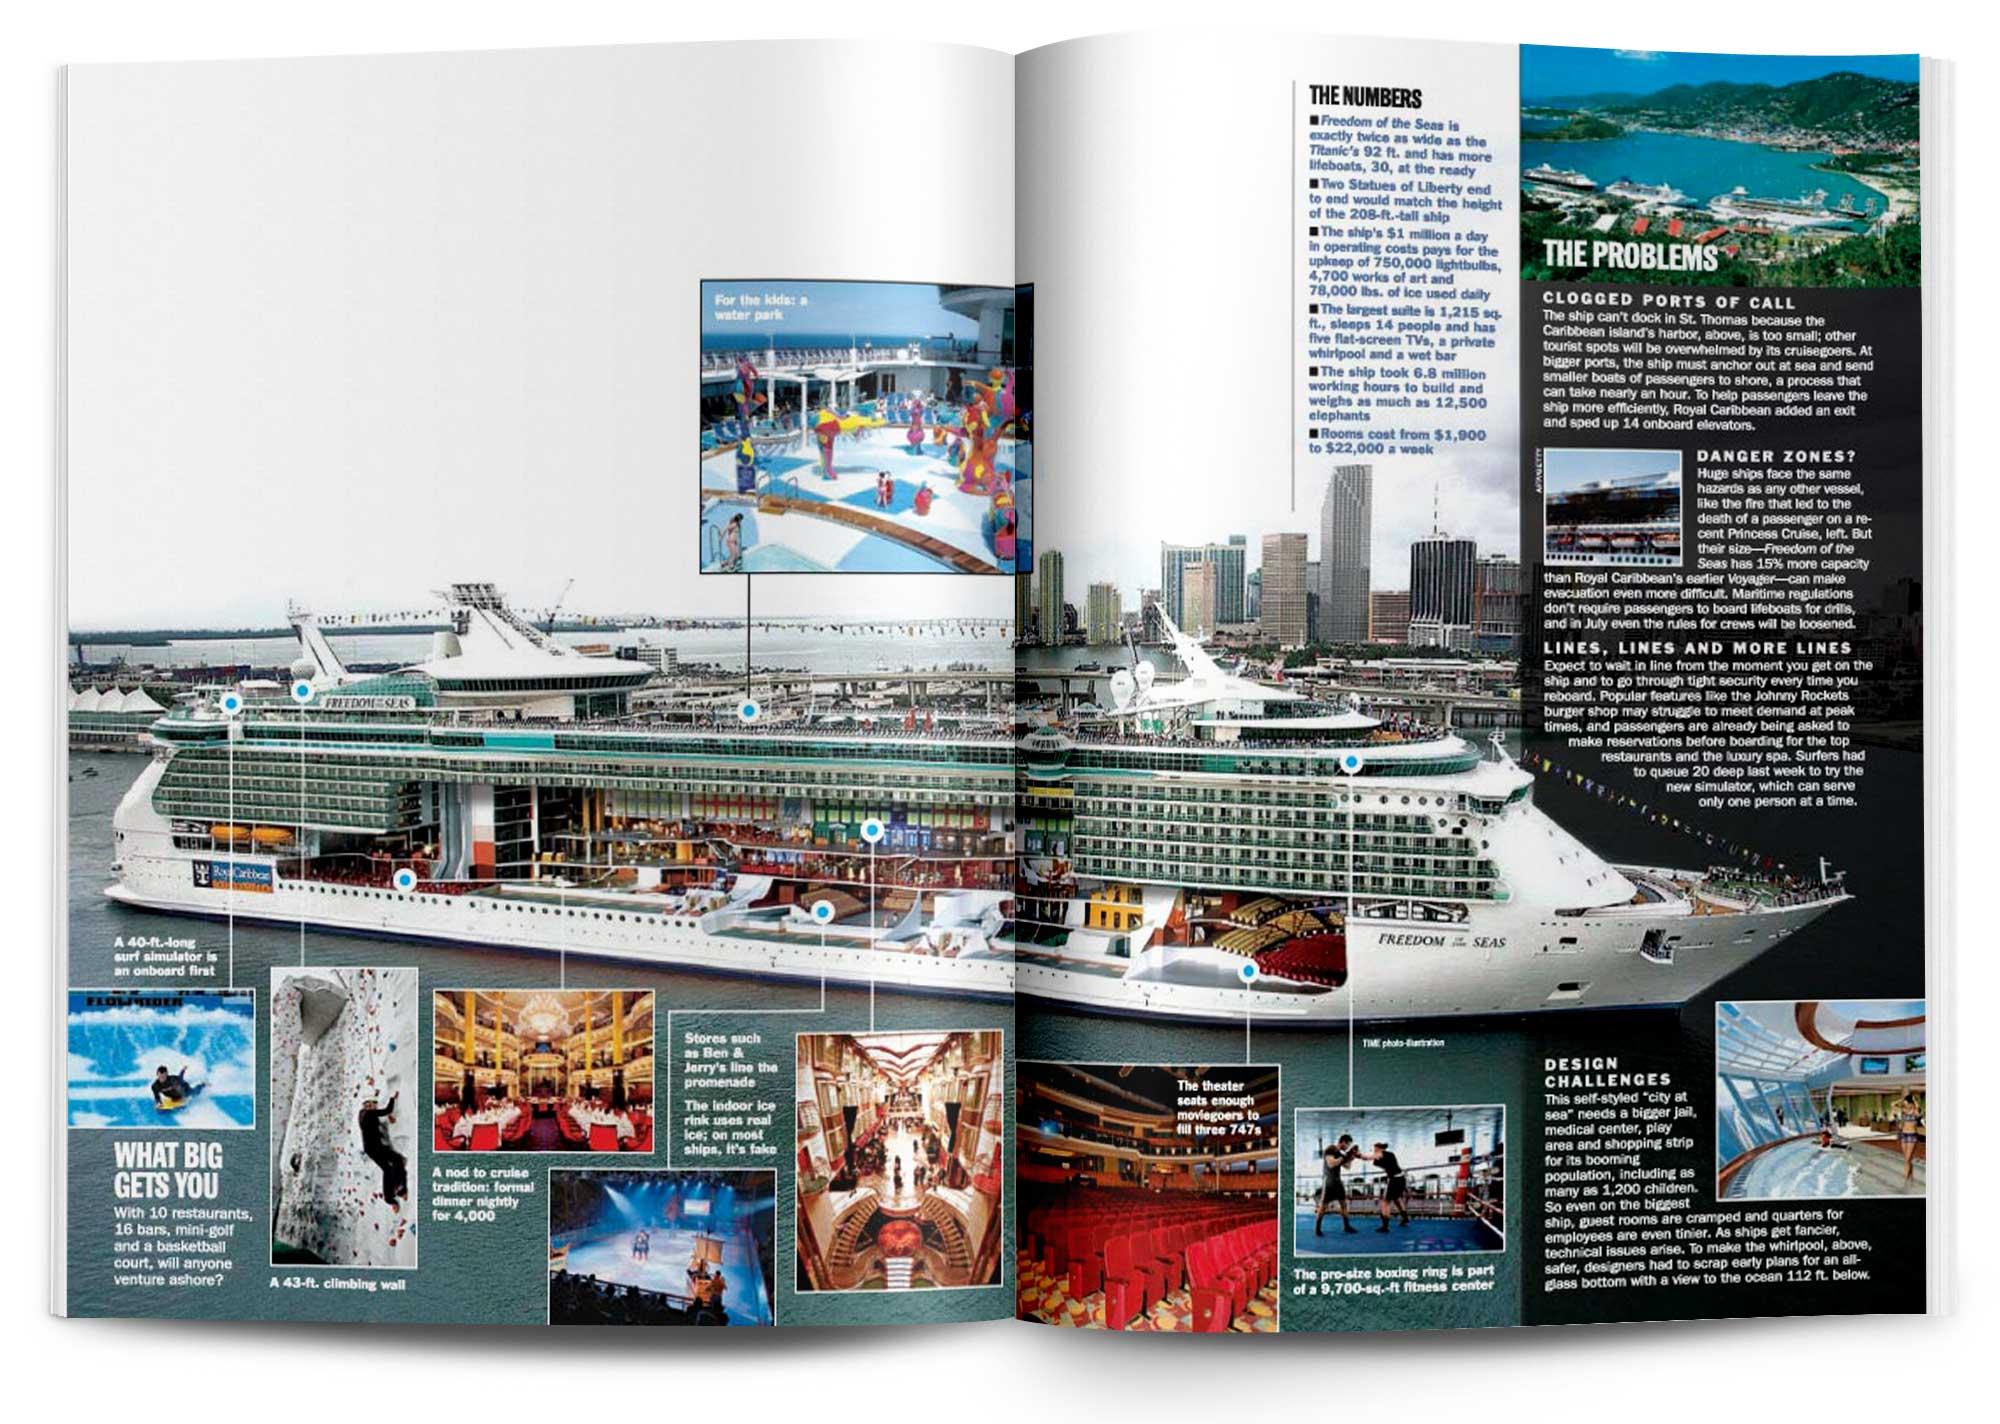 graphic.cruise.jpg